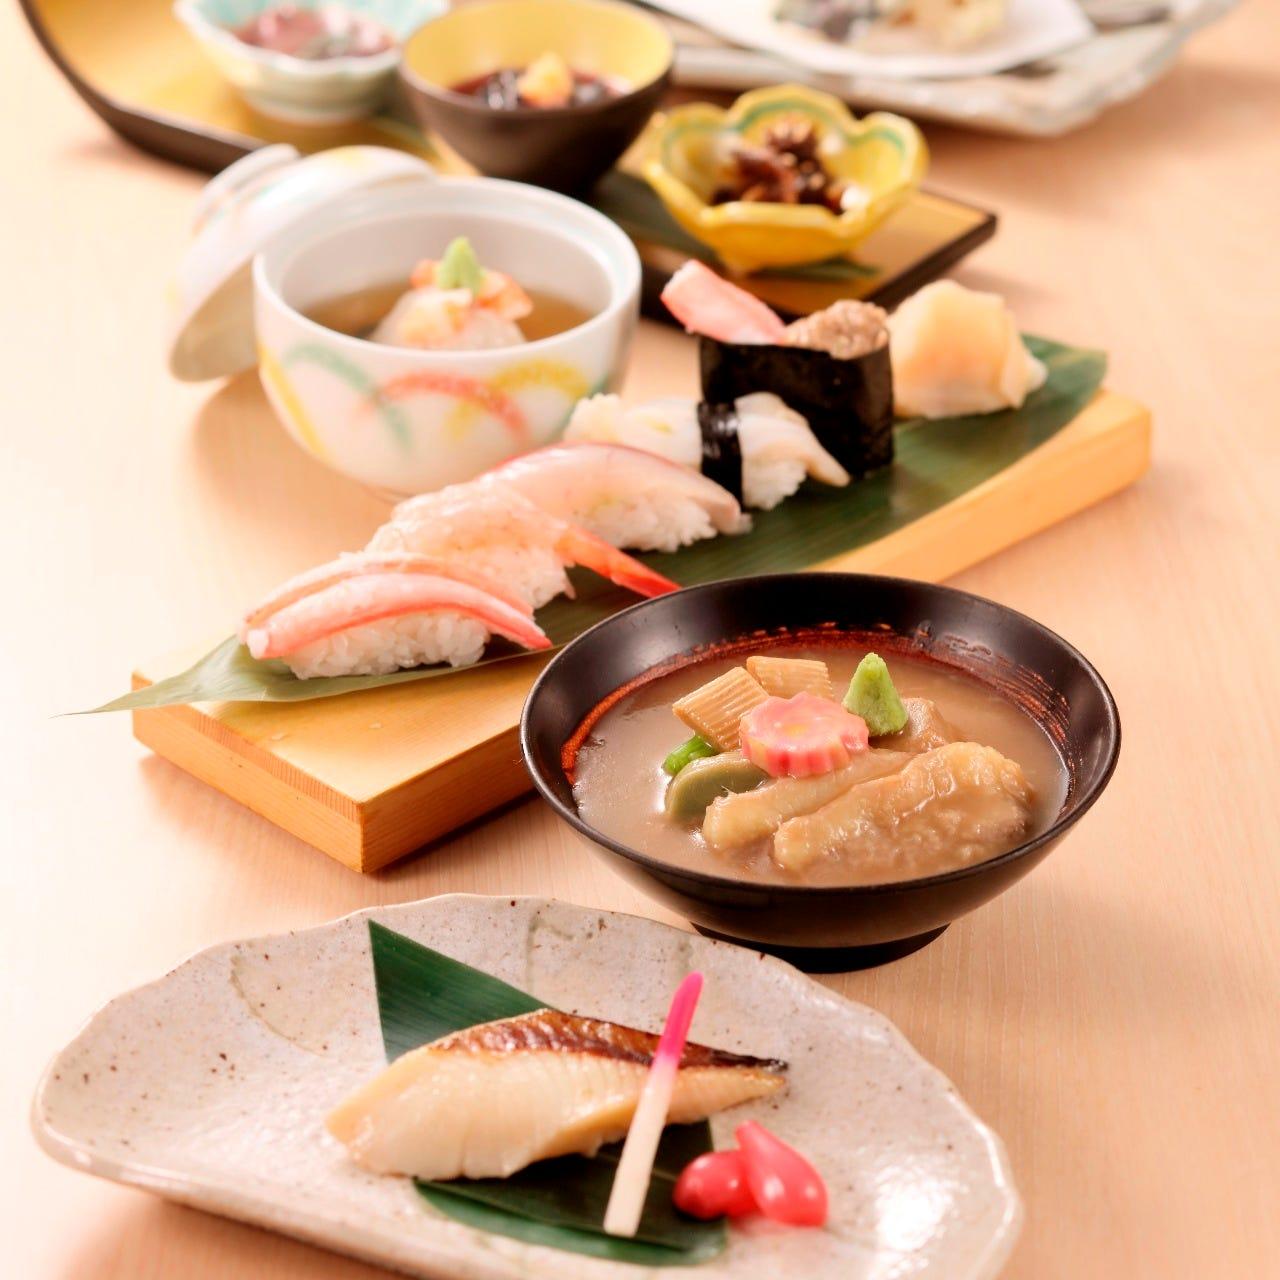 金沢の食材を使用した郷土料理